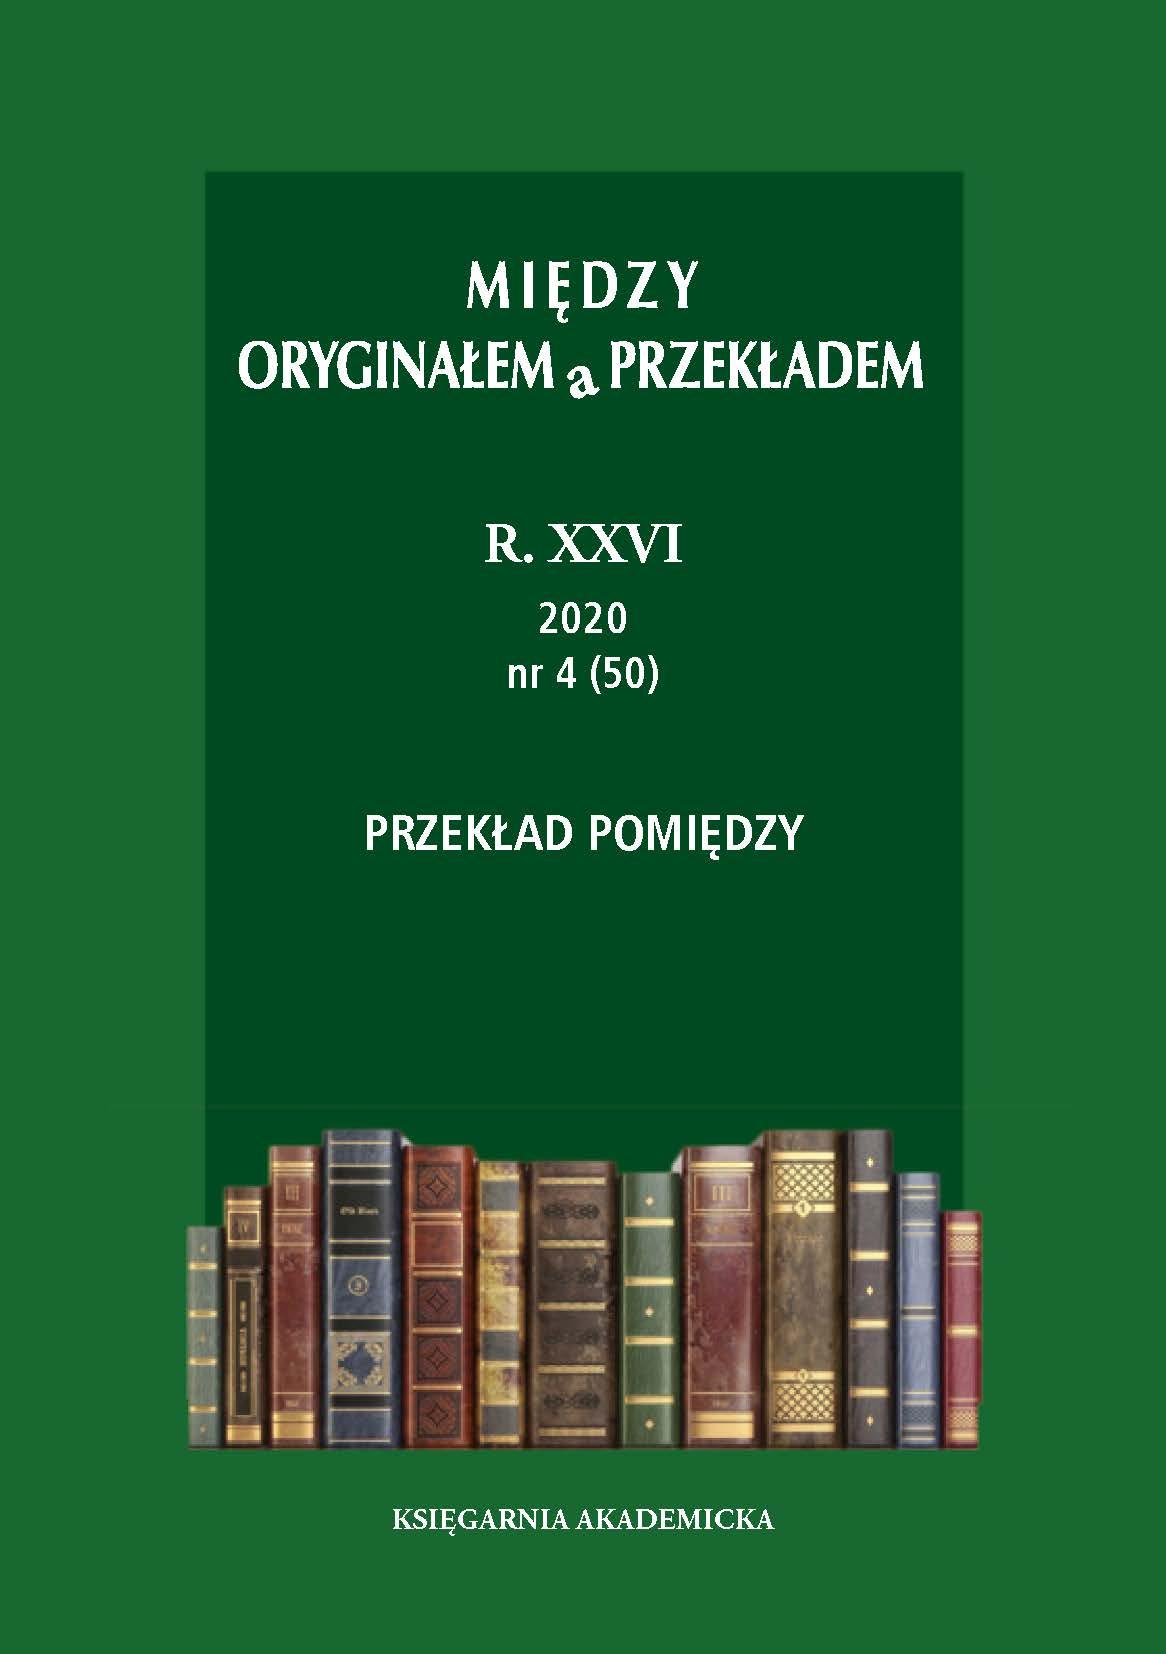 View Vol. 26 No. 4 (50) (2020): Przekład pomiędzy